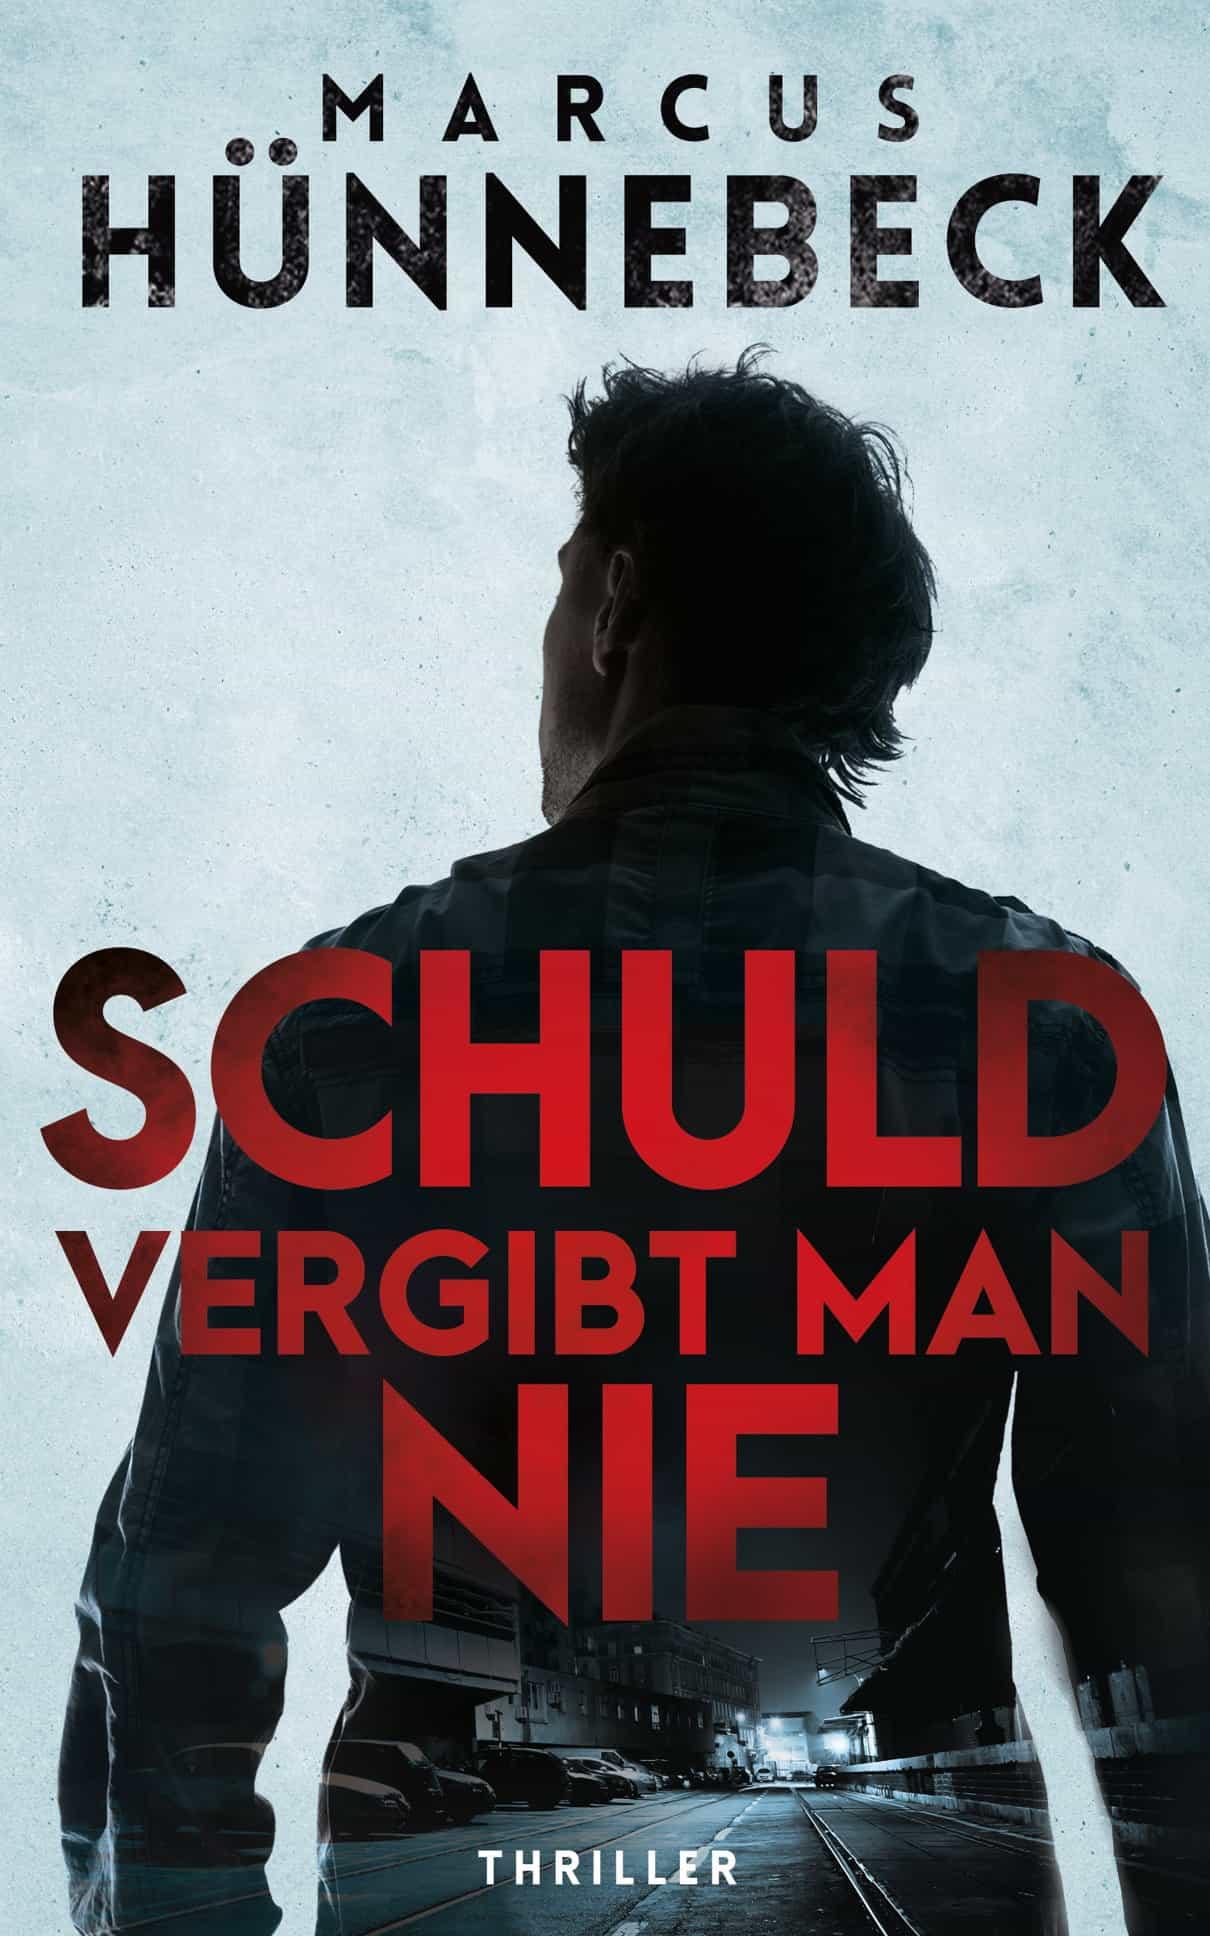 Schuld vergibt man nie - Marcus Hünnebeck - Thriller